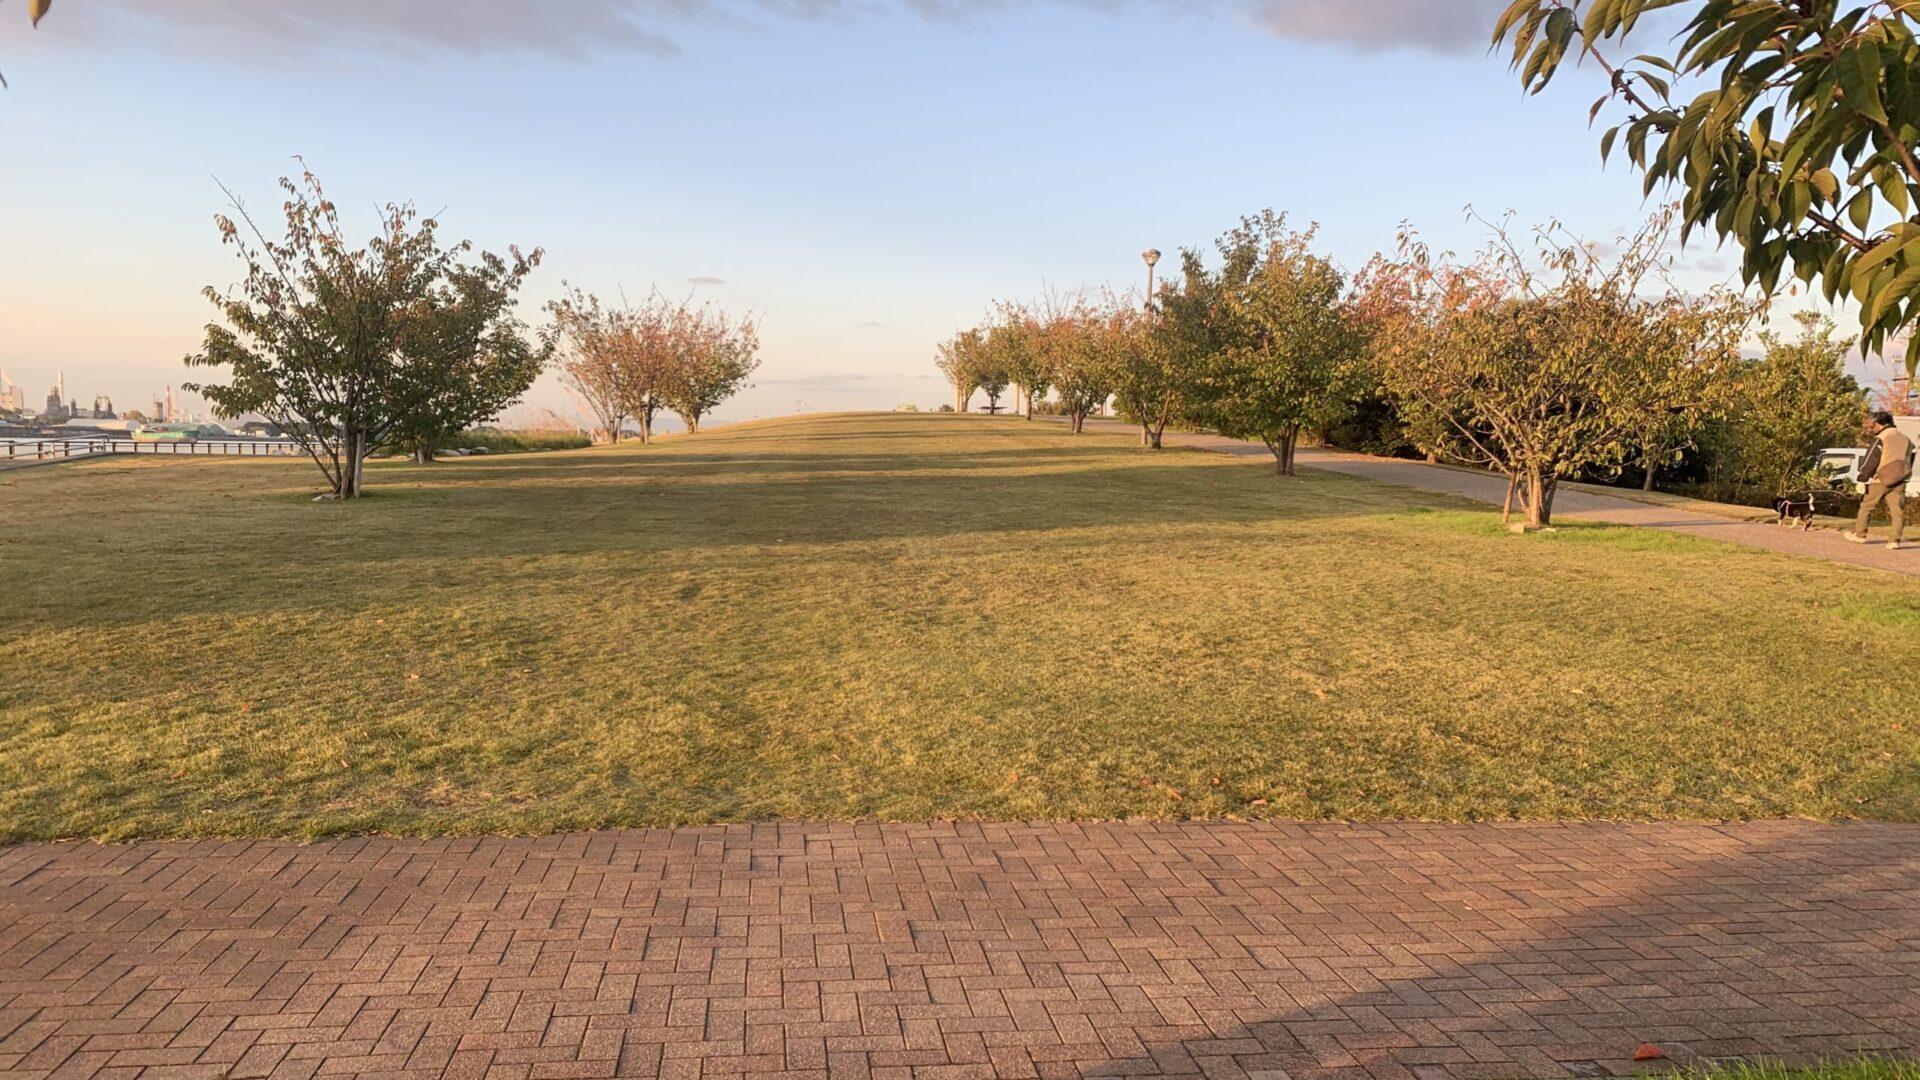 11月の早朝練習は高速ジョグ+坂道ダッシュと量より質重視メニューに変異中